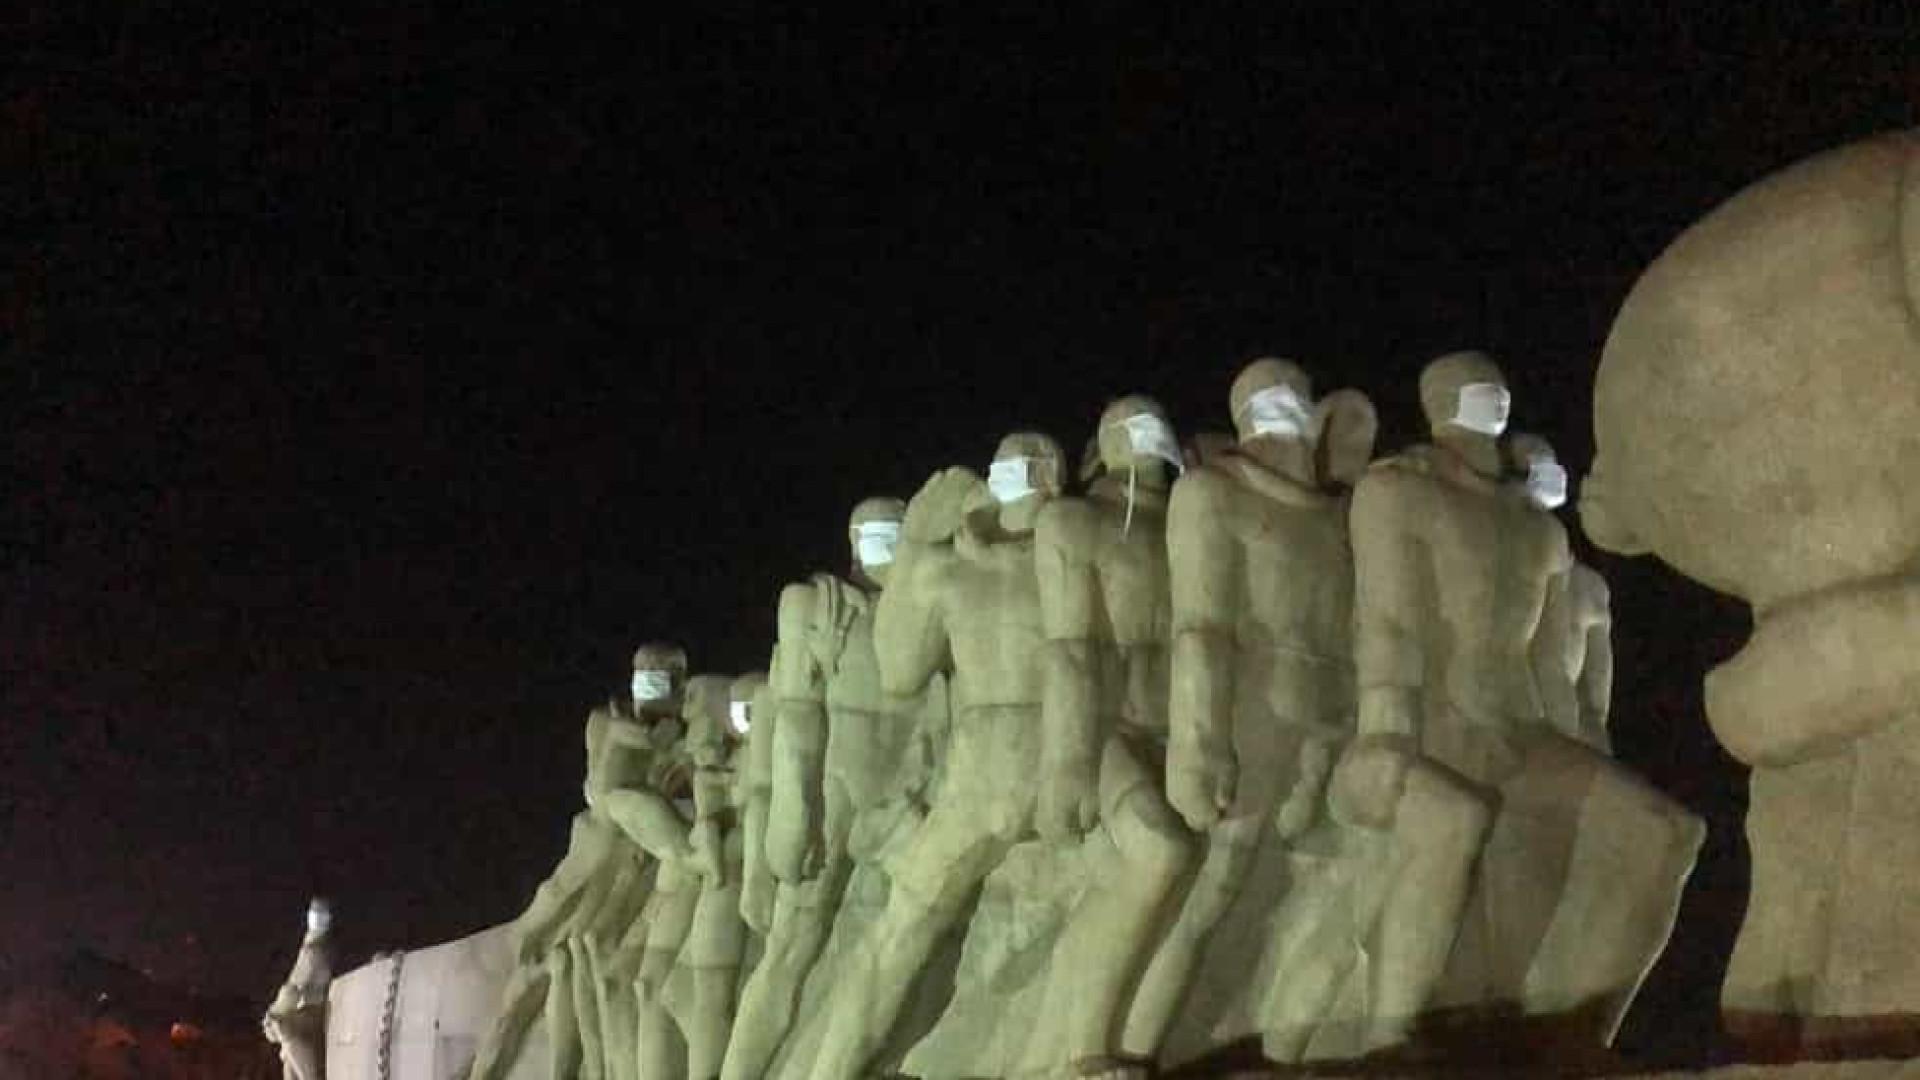 Monumentos da cidade de São Paulo ganham máscaras de proteção